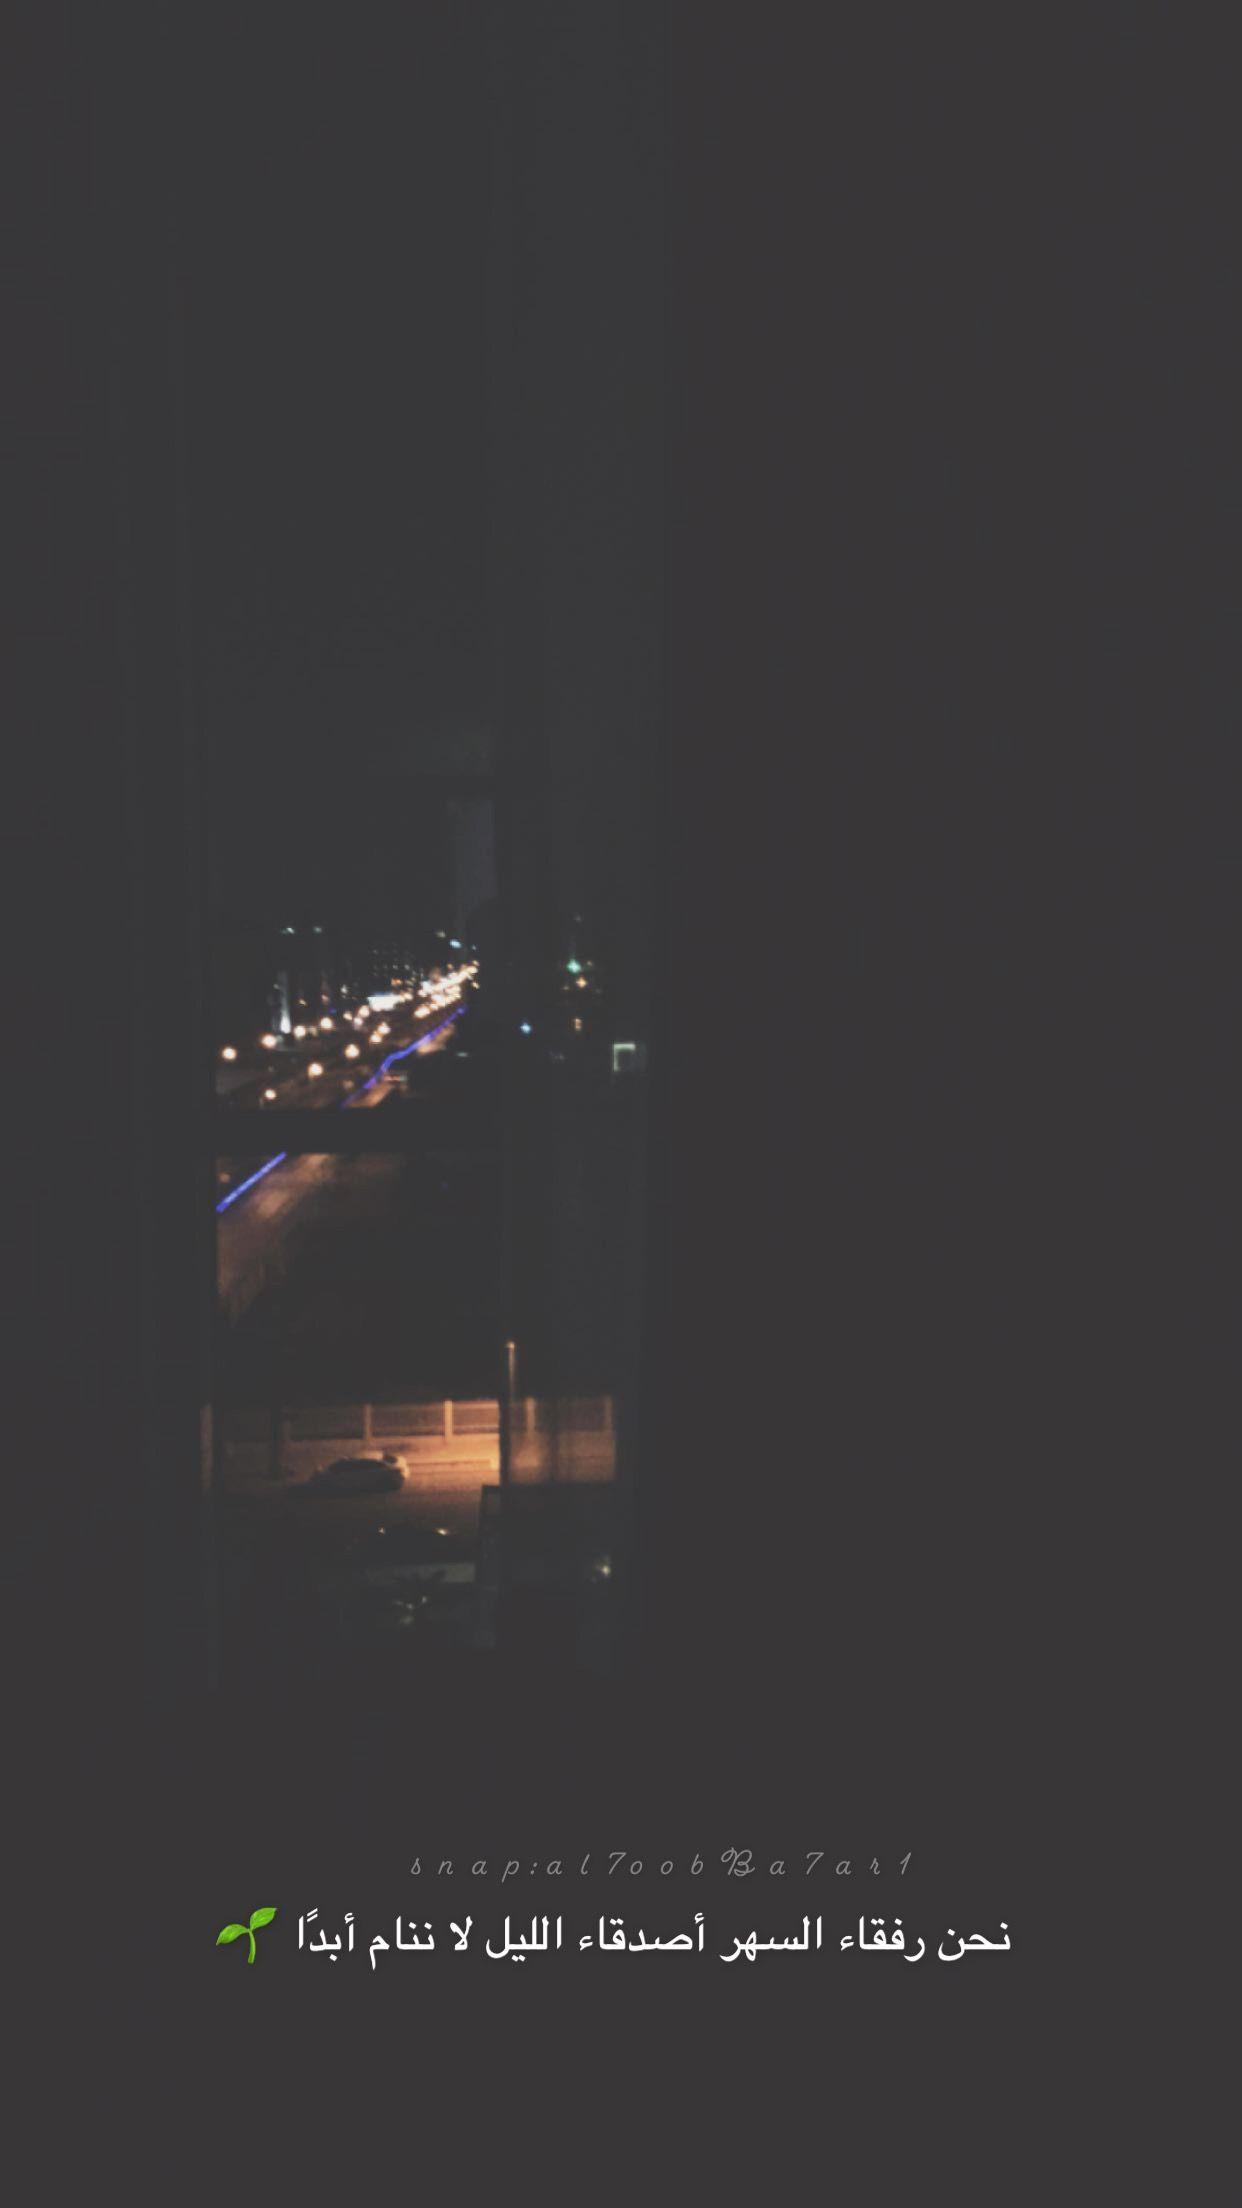 همسه نحن رفقاء السهر أصدقاء الليل لا ننام أبد ا تصويري تصويري سناب الرياض إضاءة الليل السهر Photo Quotes Love Husband Quotes Arabic Quotes